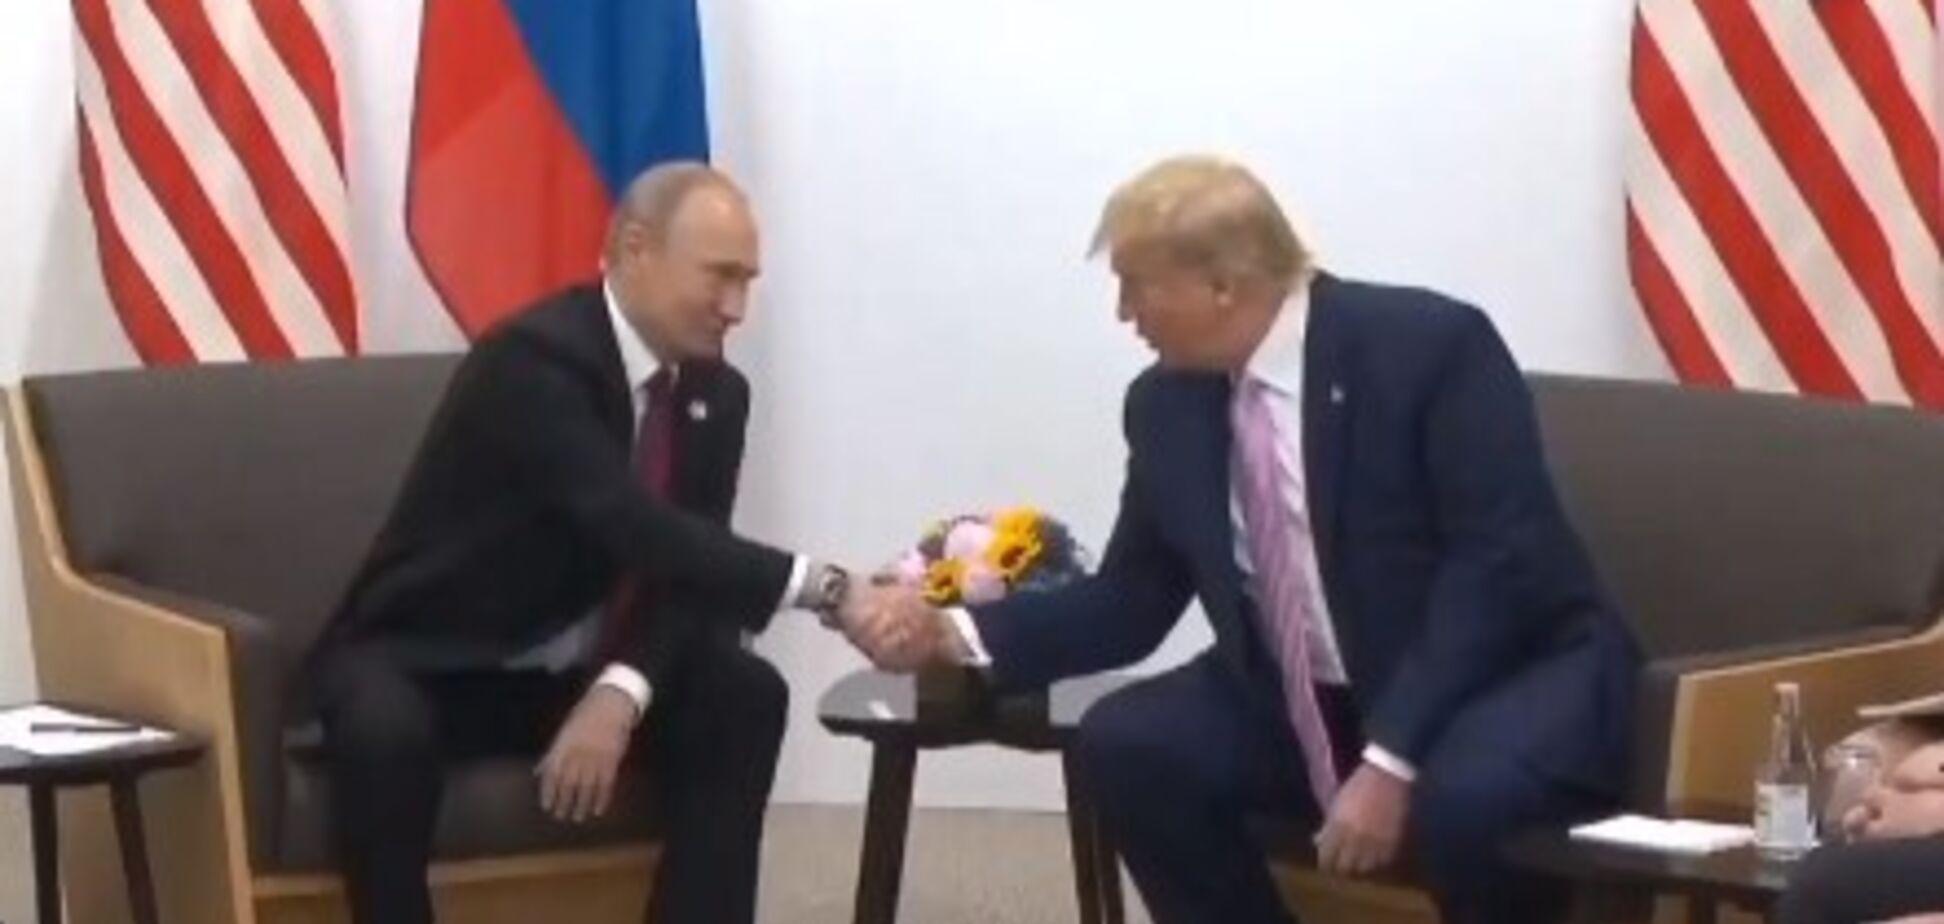 Что там в Украине? Трамп и Путин провели переговоры в Японии: все подробности